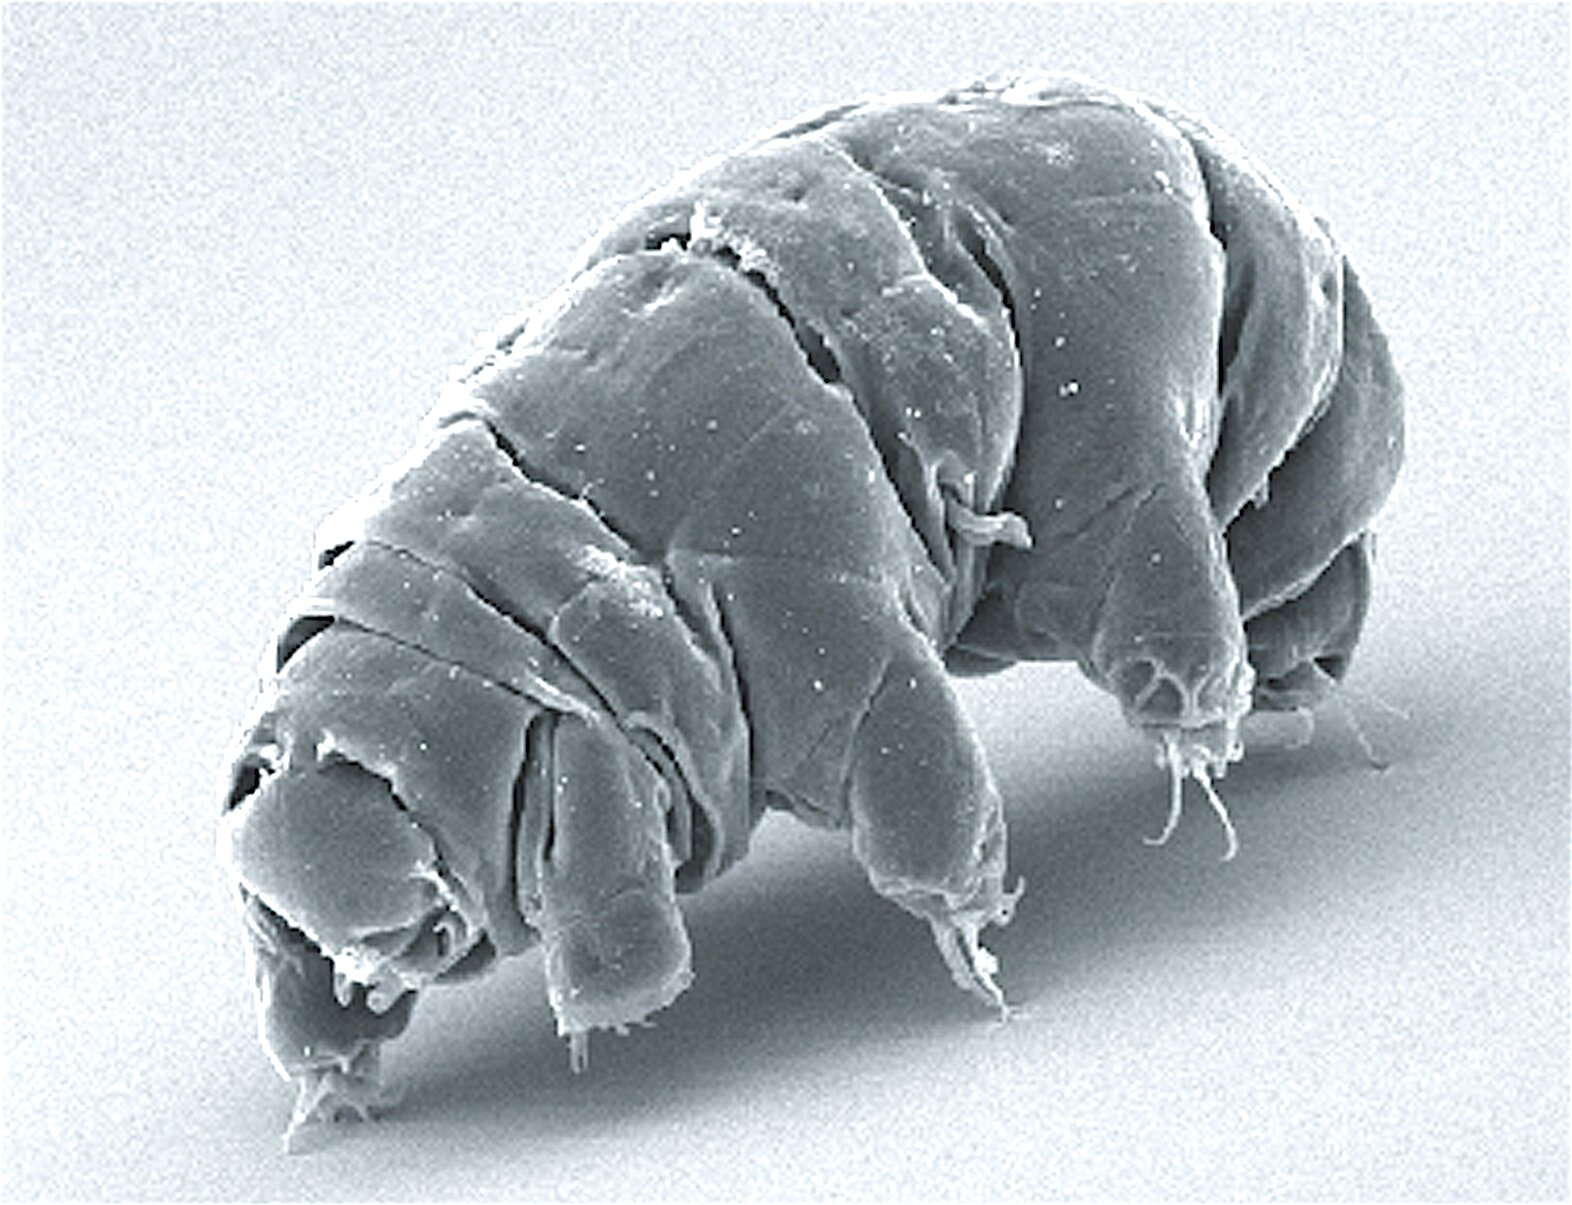 Hình ảnh SEM của Milnesium tardigradum ở trạng thái hoạt động